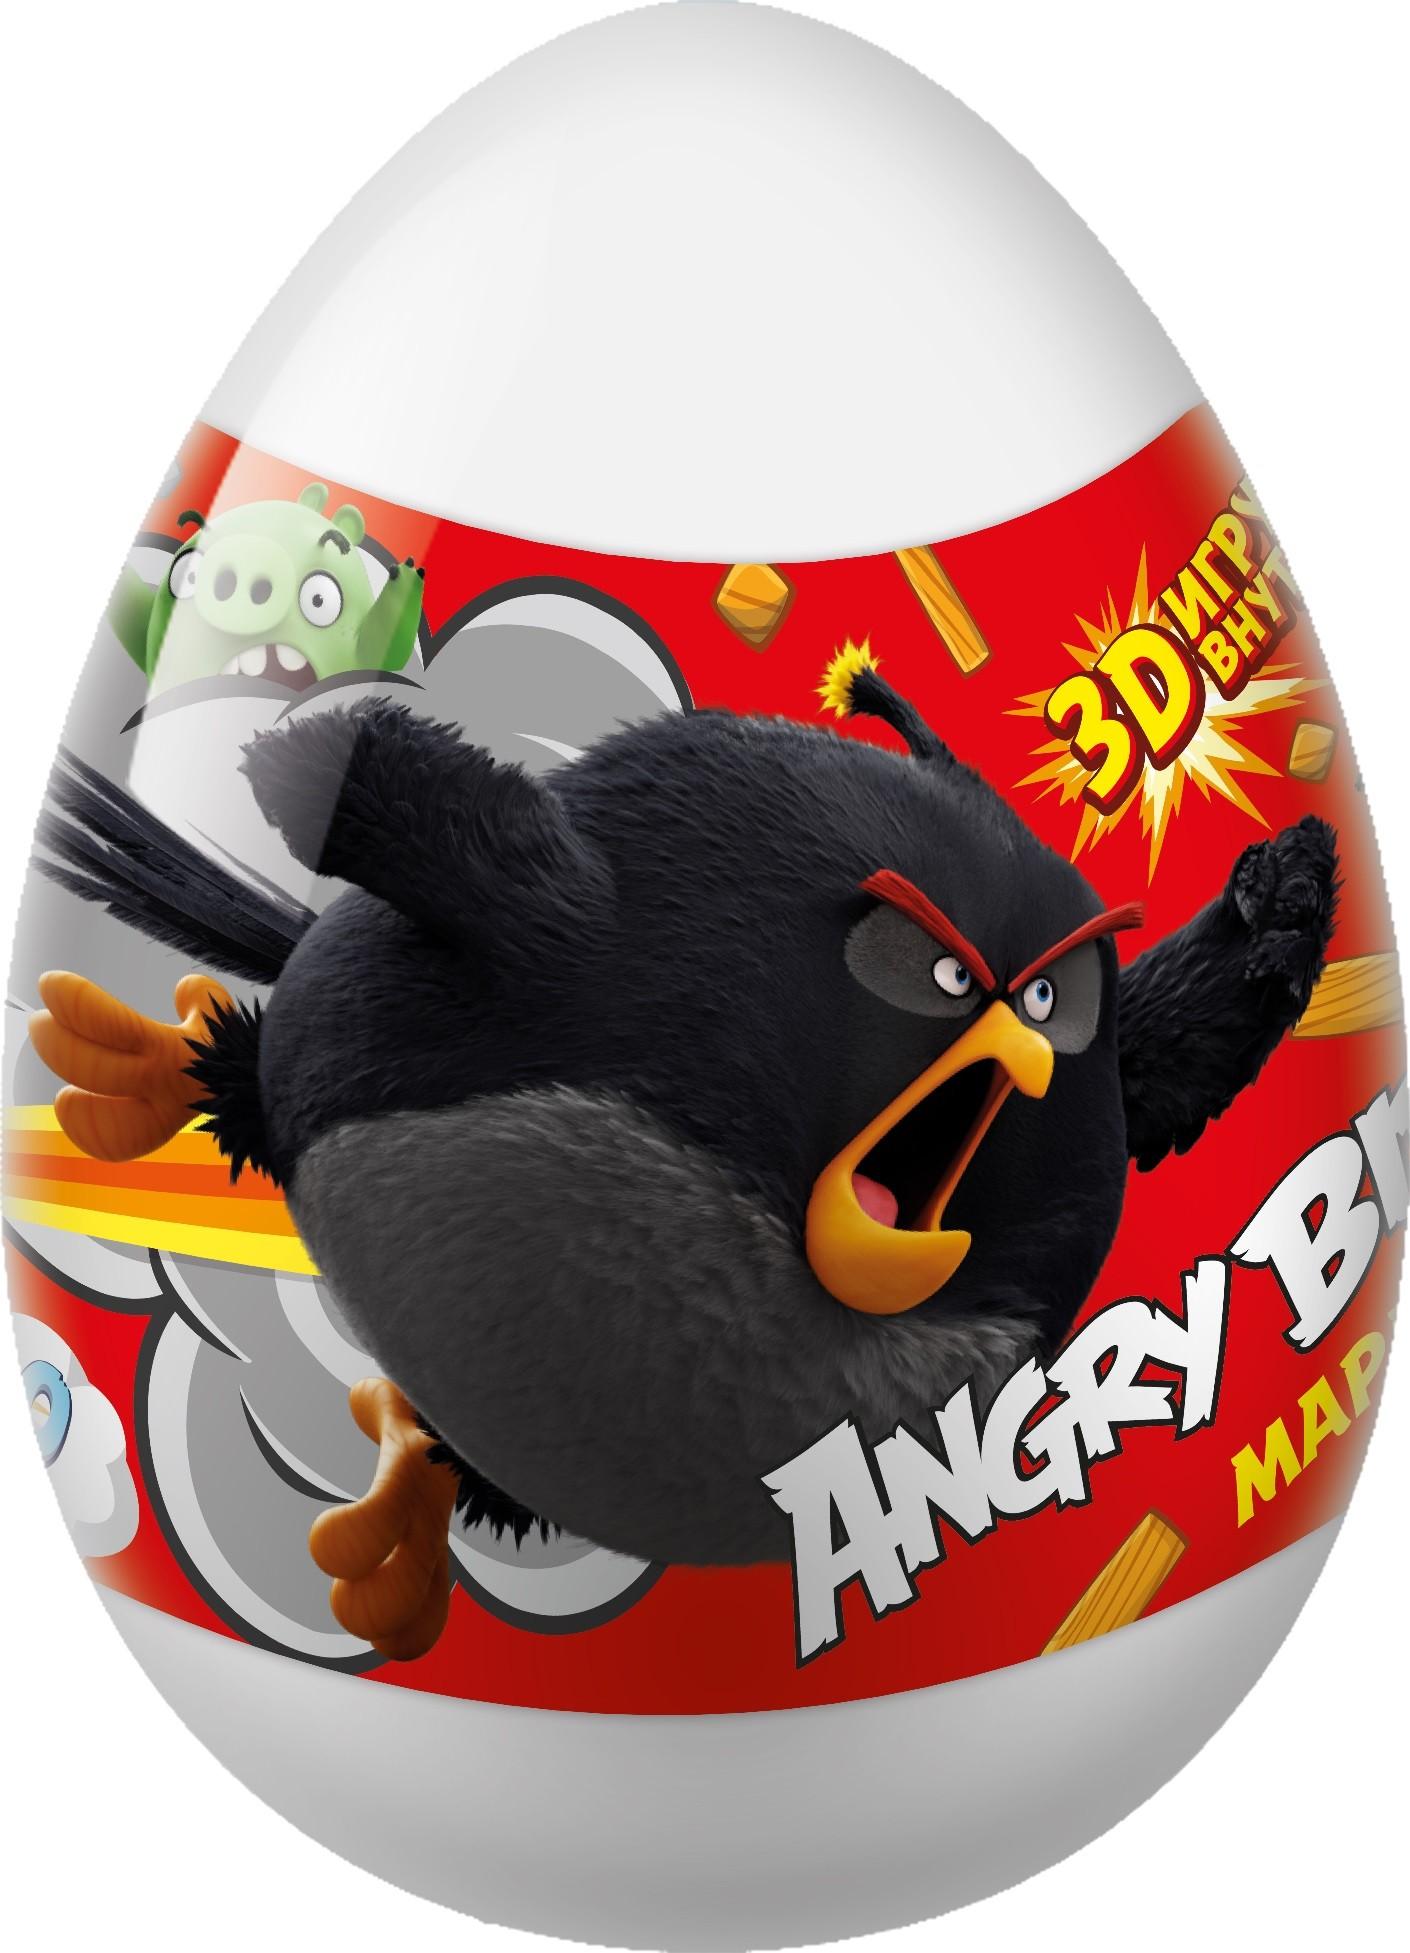 Мармелад Конфитрейд Angry Birds Movie, 10 г + игрушка игрушка мягкая angrybirds star wars 30 см 94065b 4 angry birds